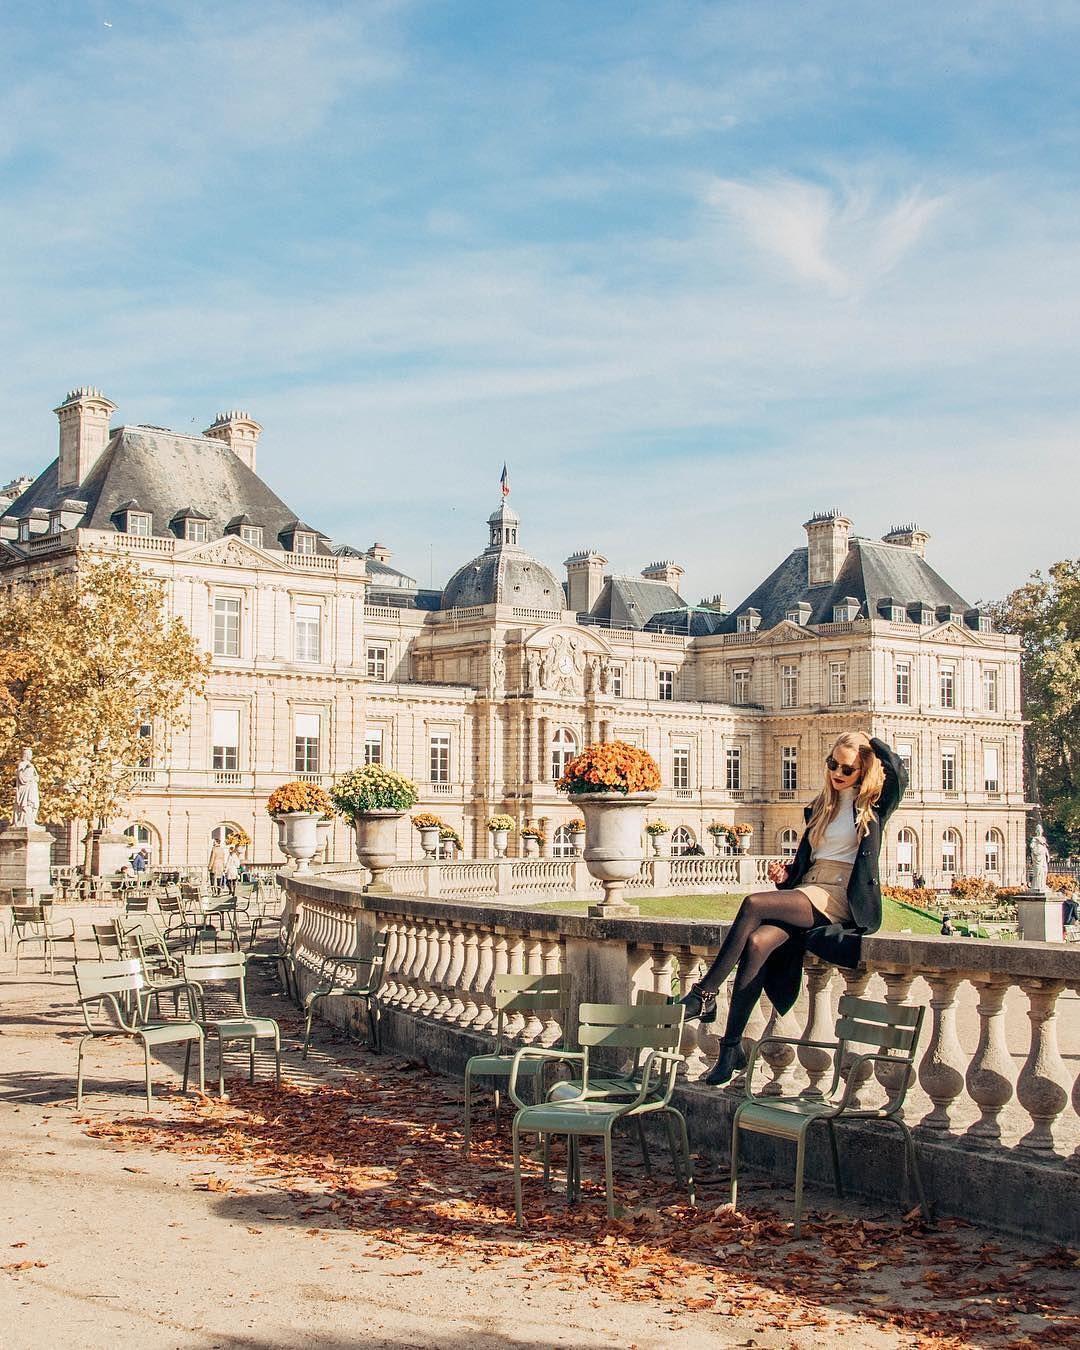 Paris P Ris Thisisparis On Instagram The Jardin Du Luxembourg